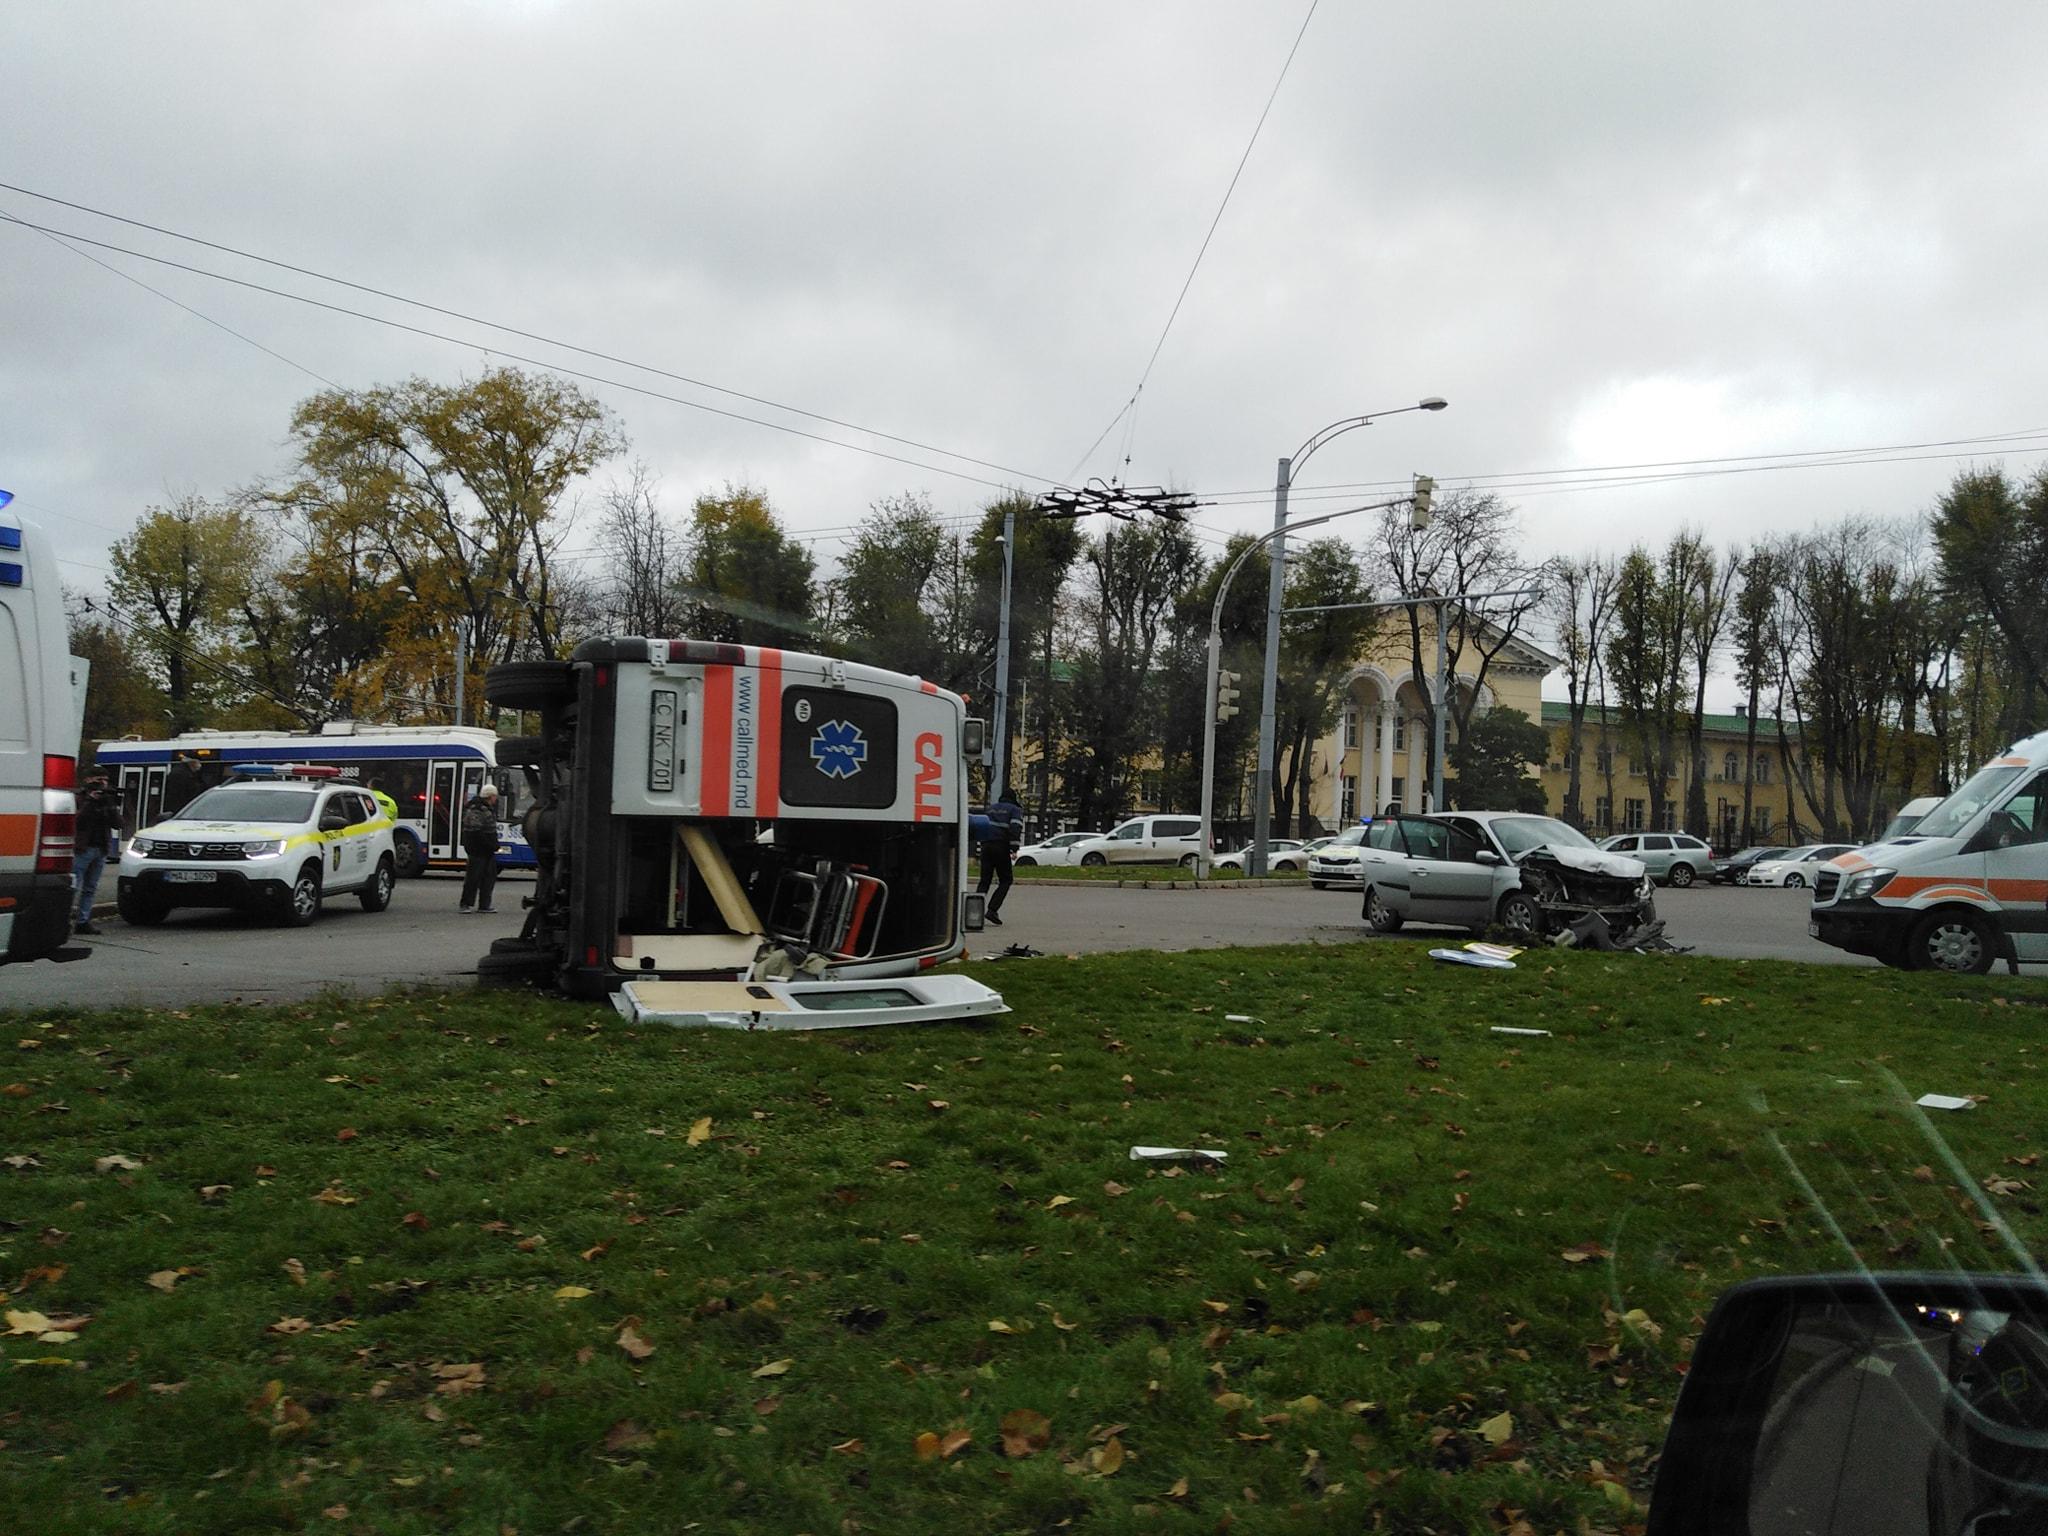 O ambulanță s-a răsturnat în capitală, după ce s-a lovit de o altă mașină. O femeie și un copil au avut de suferit (FOTO)